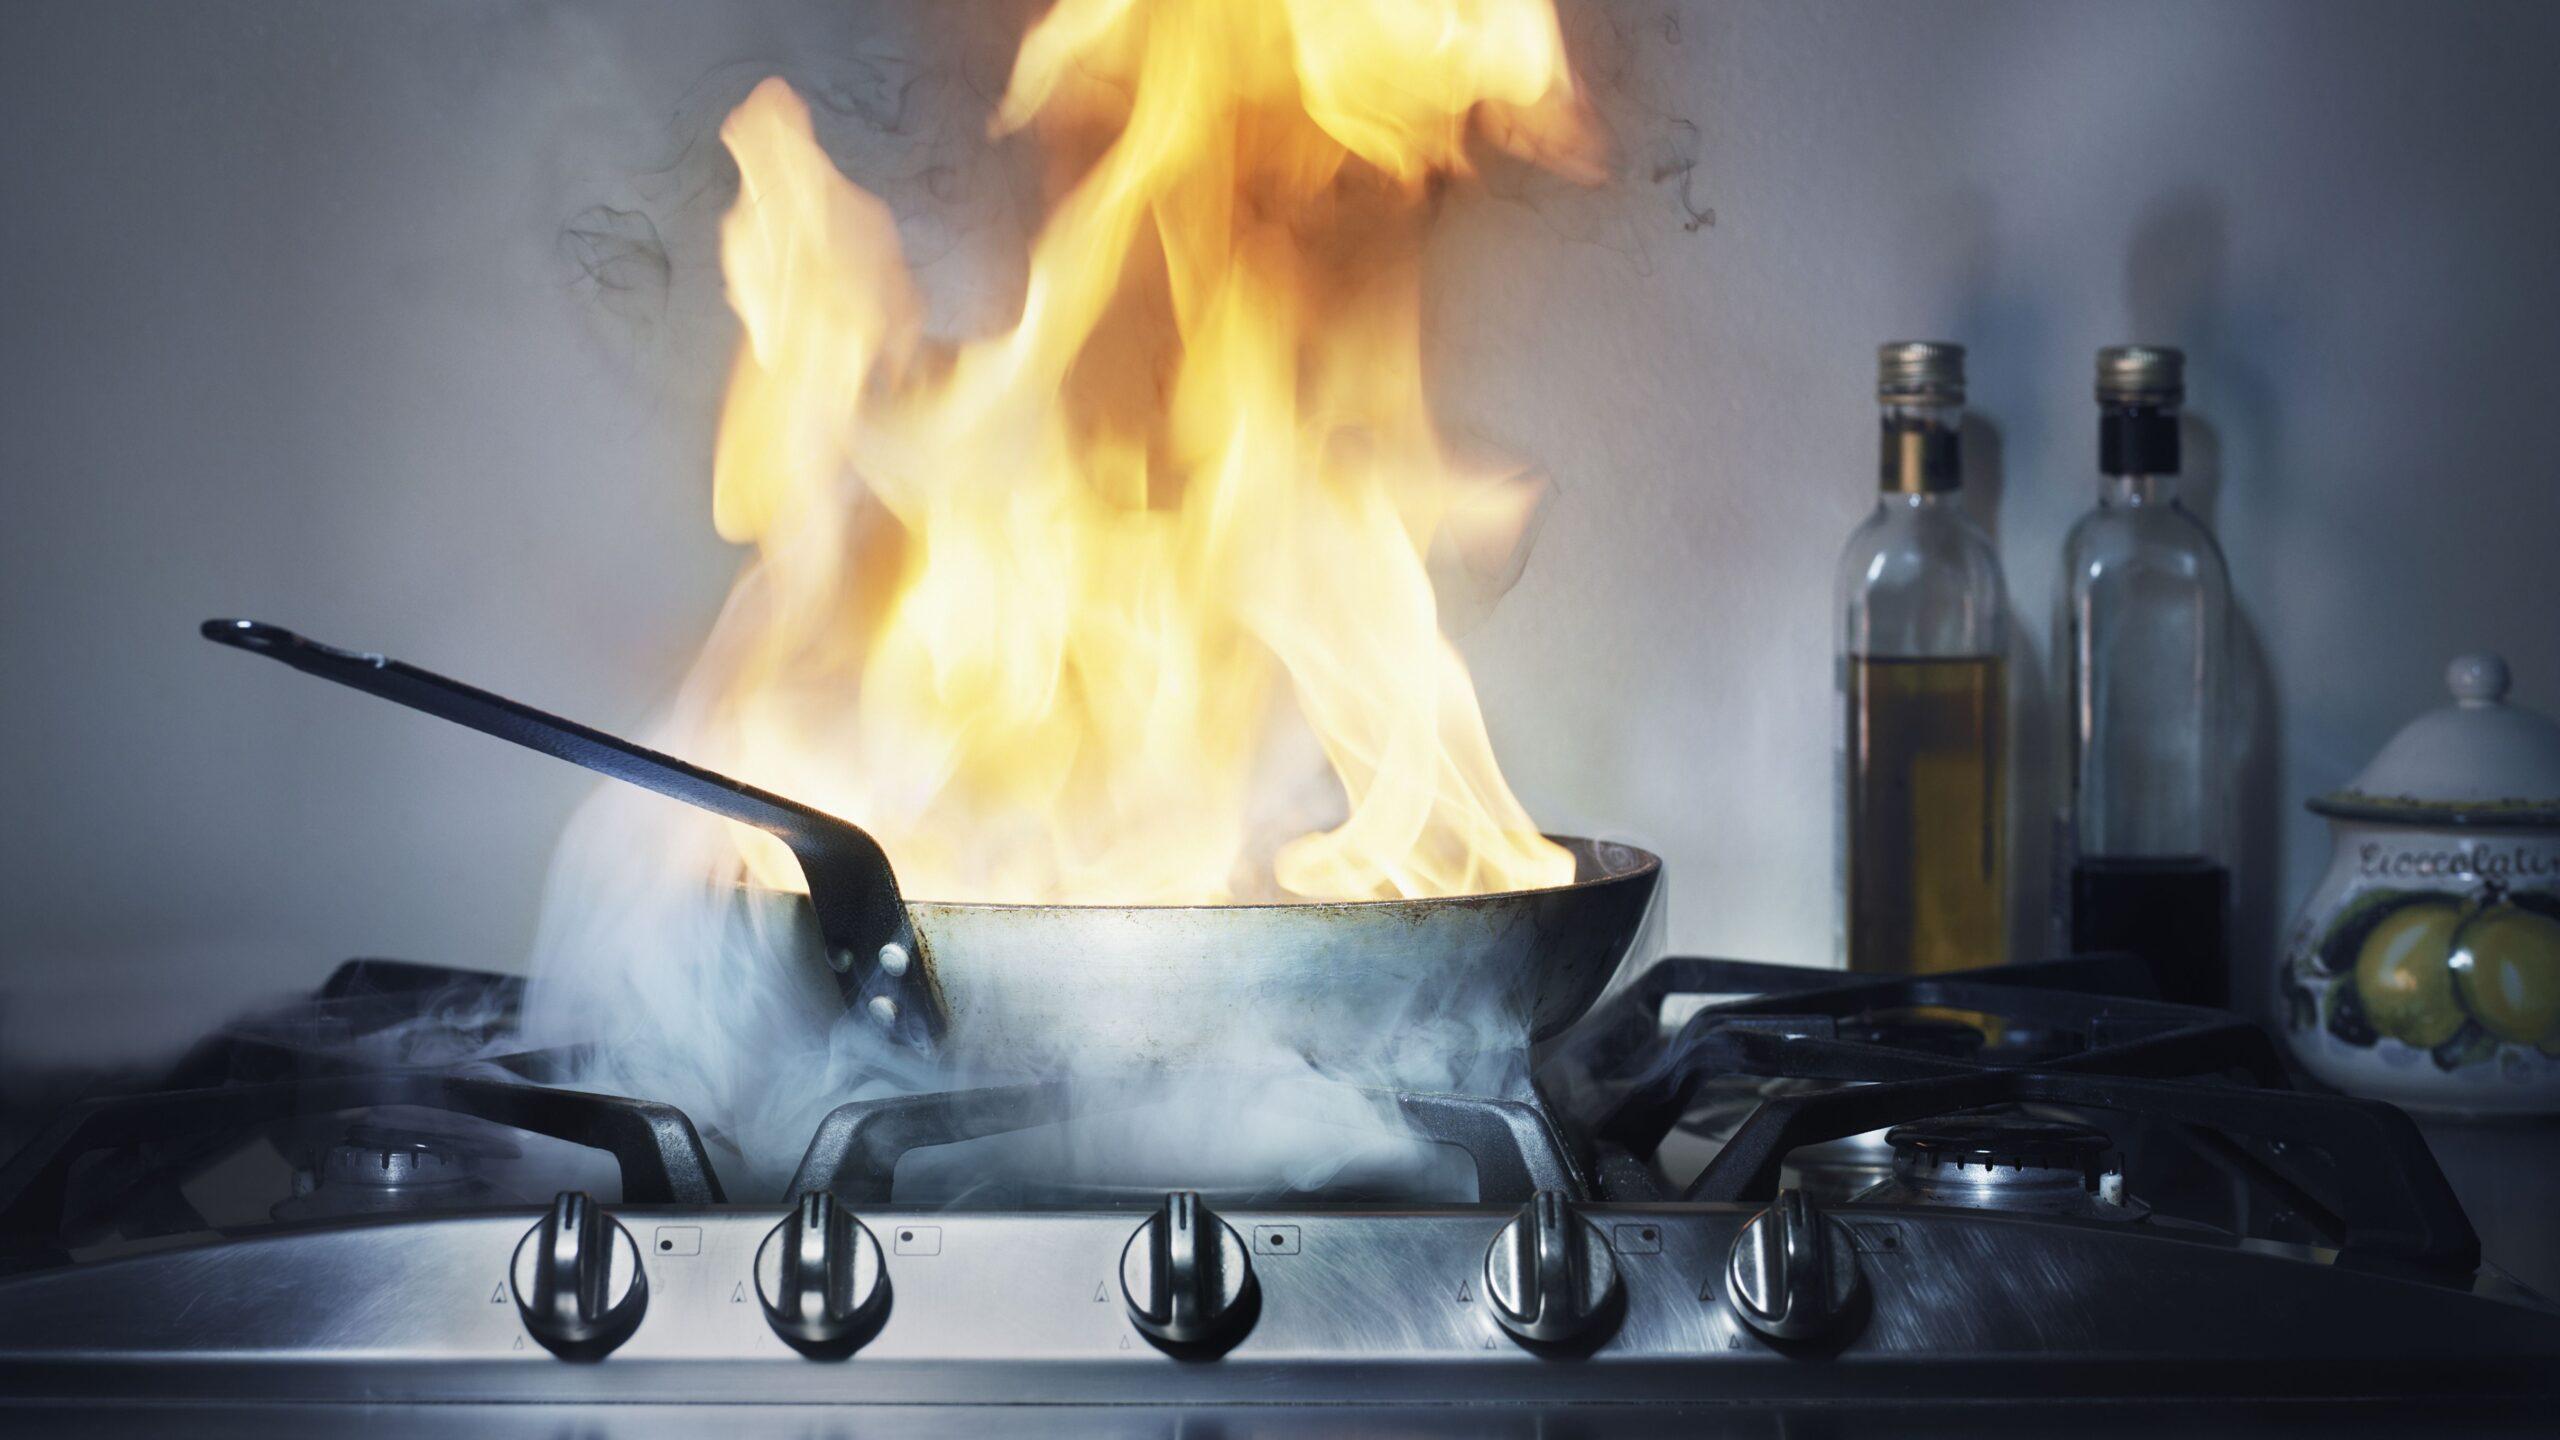 электроподжиг в кухонной плите